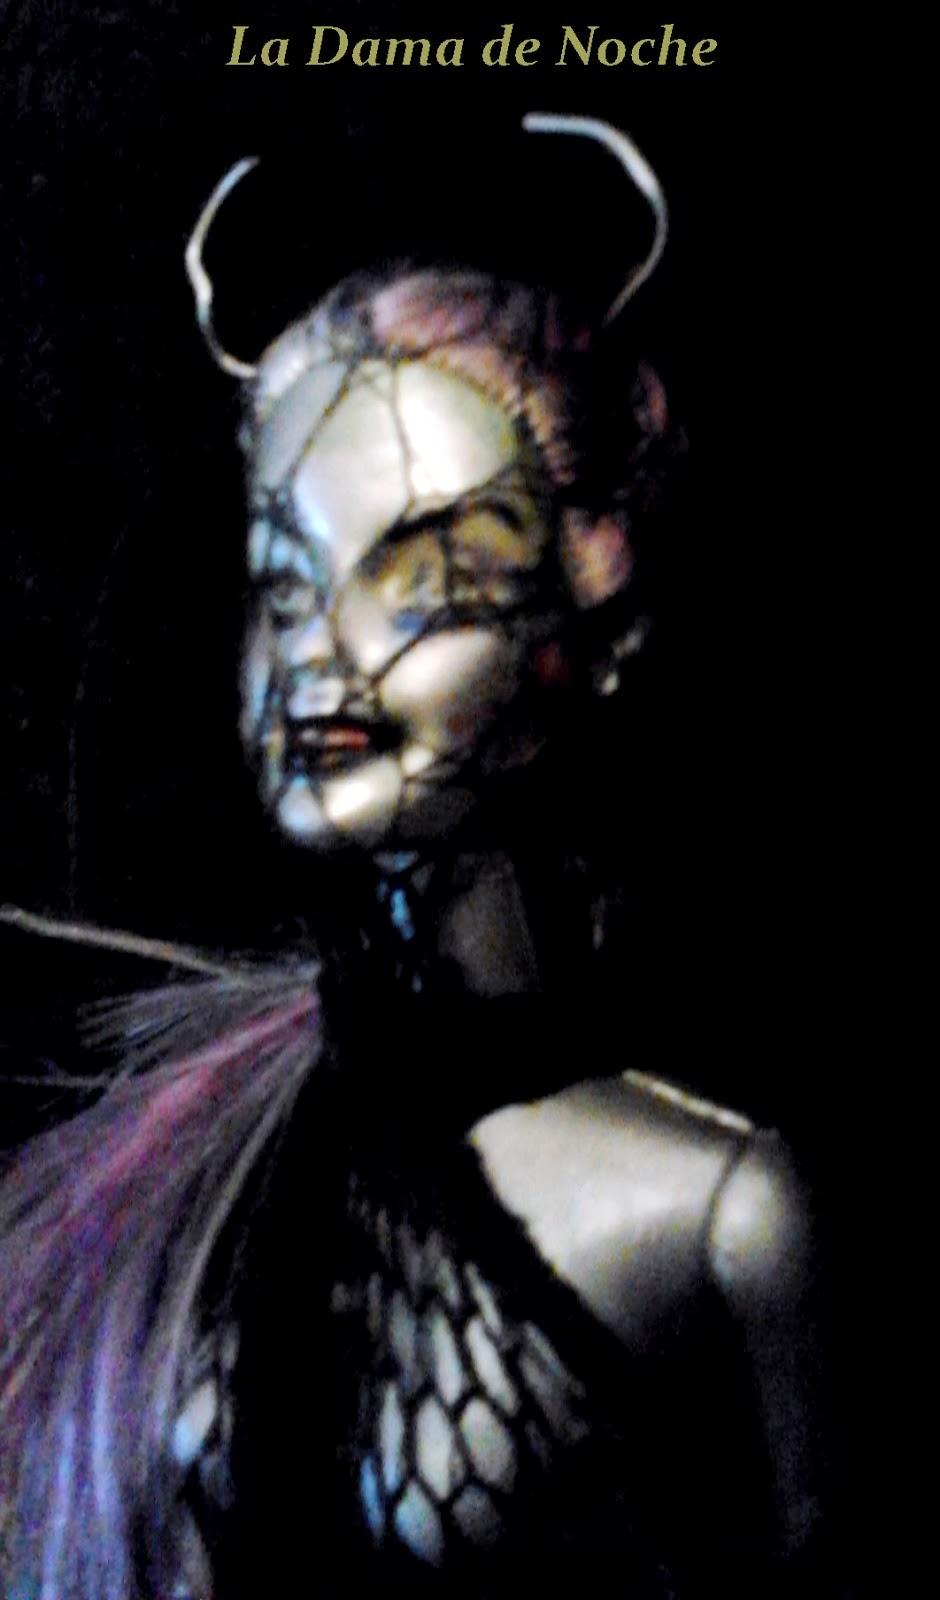 La Dama de Noche